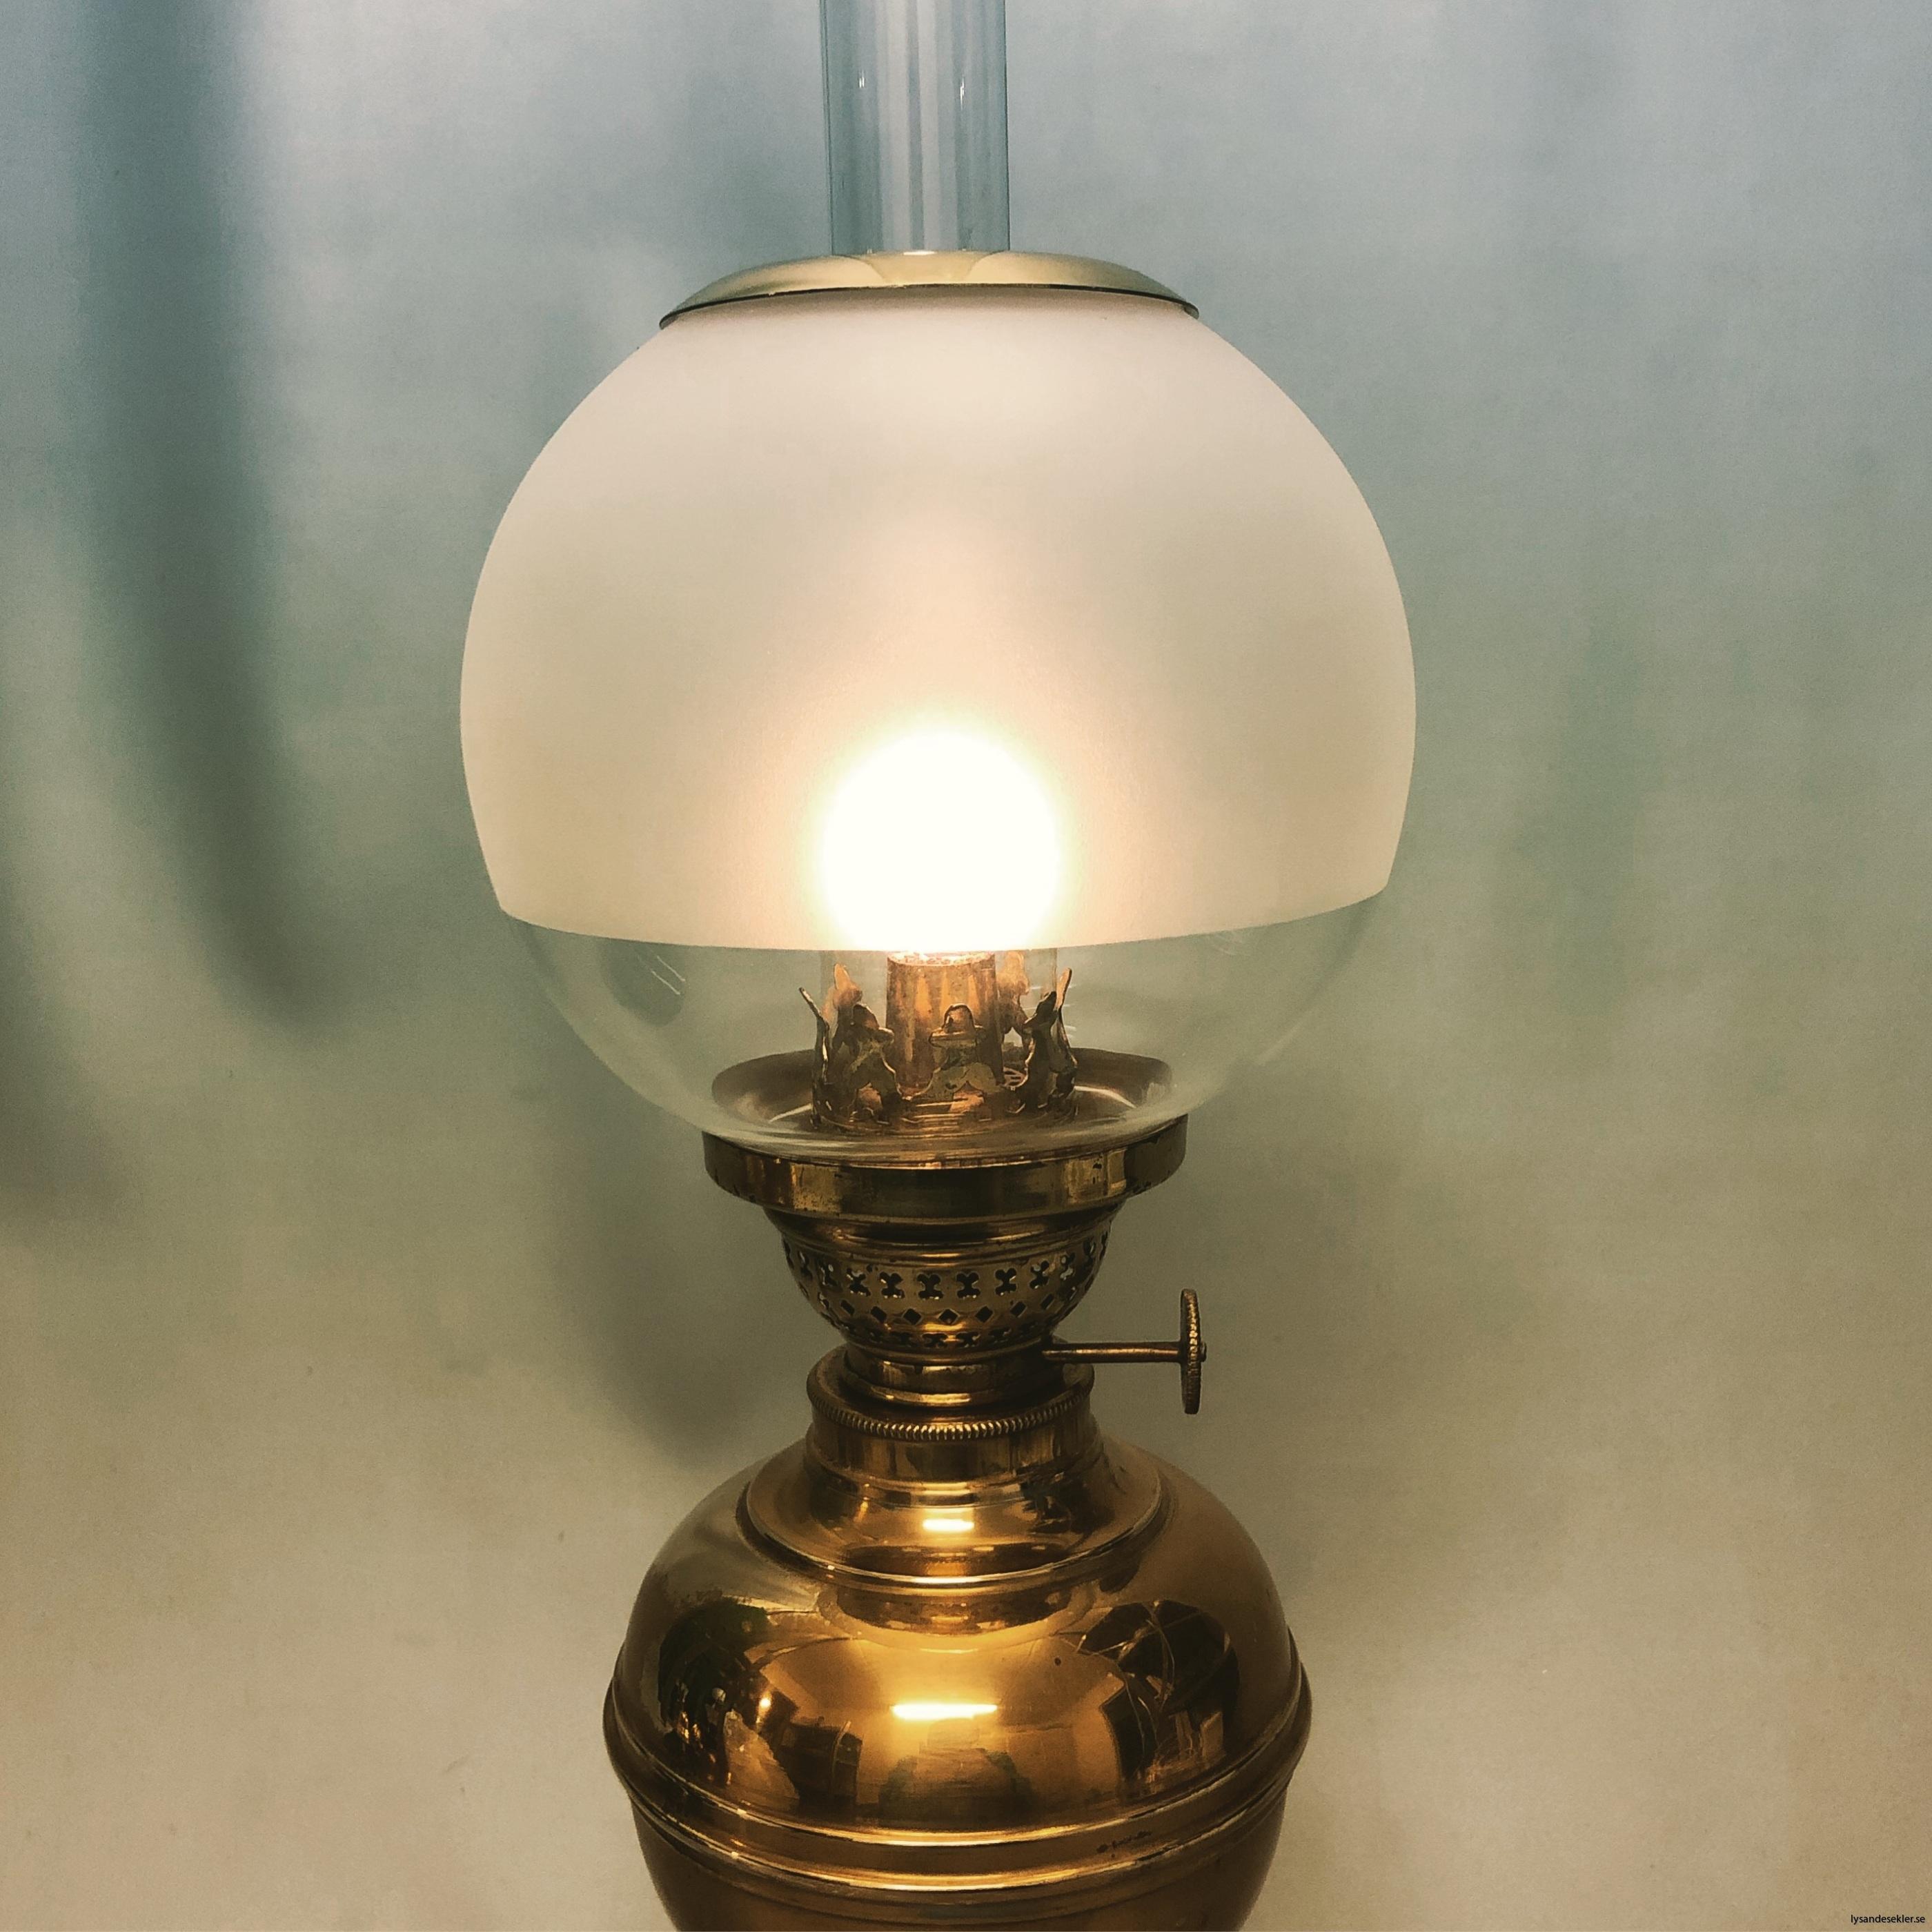 små klotkupor 135 mm till fotogenlampor dansk design14